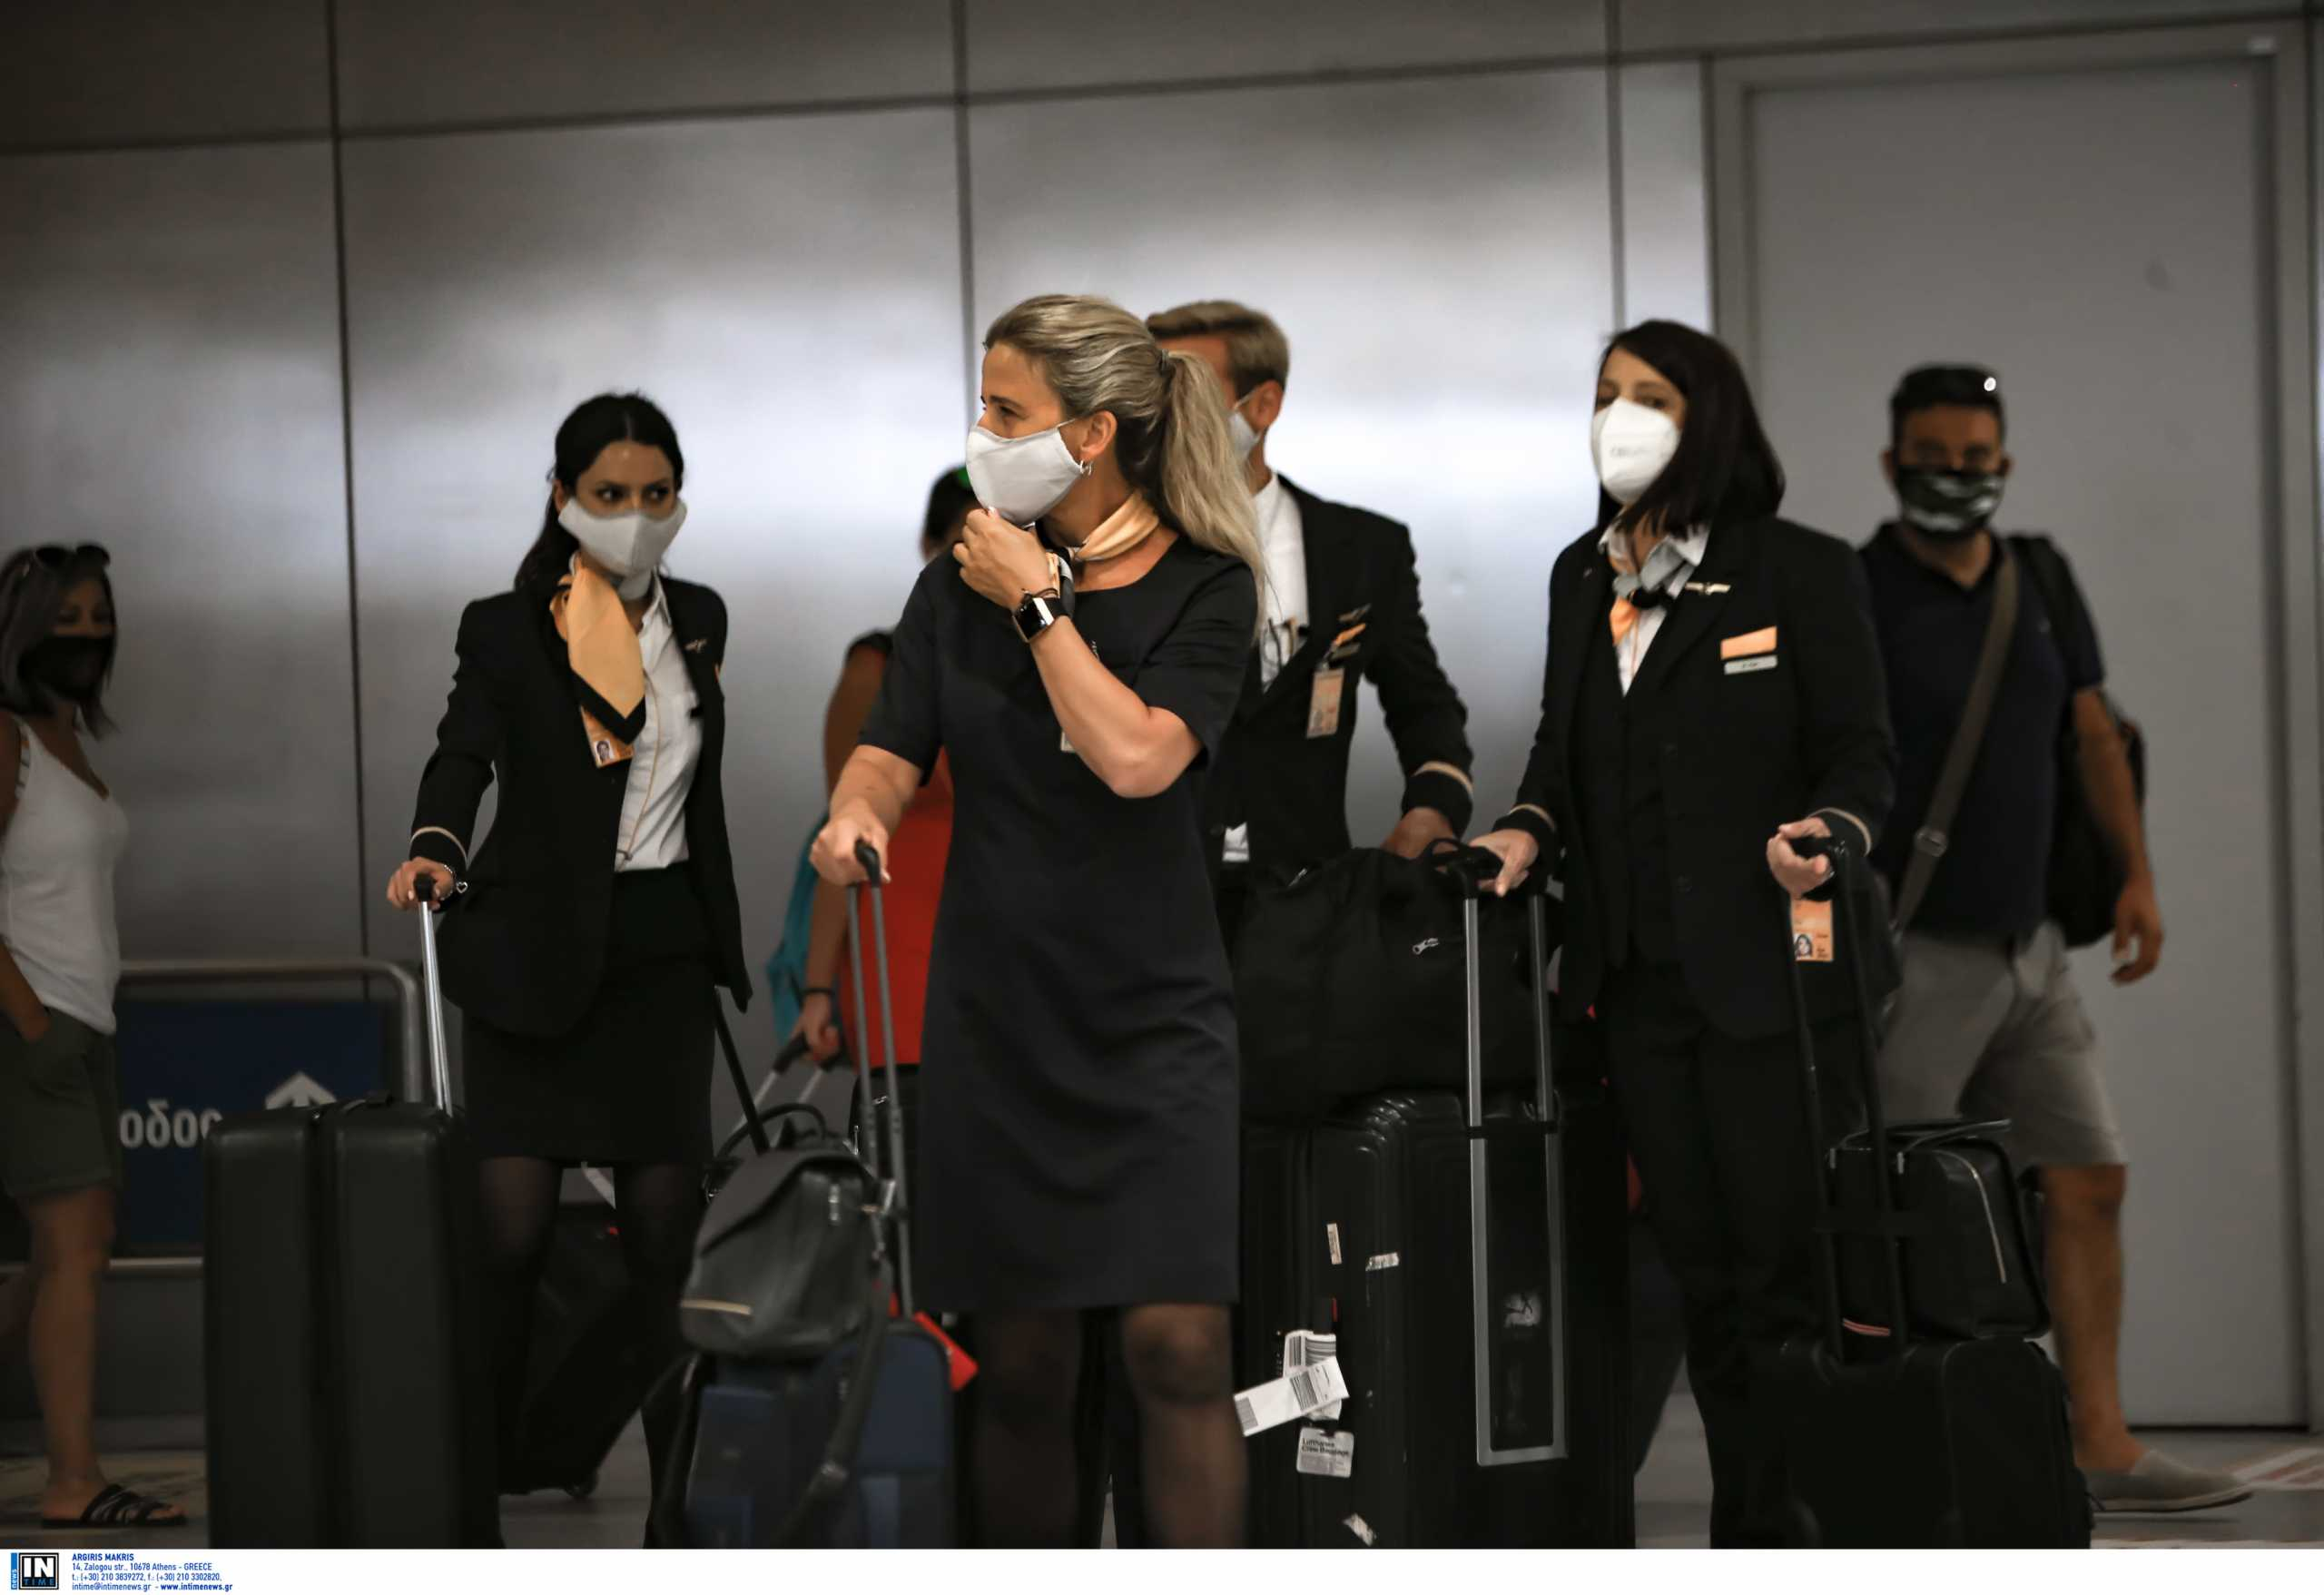 Αεροπορικές εταιρείες: Απώλειες που ζαλίζουν – Σε 3 χρόνια χάνουν 200 δισ. δολάρια λόγω κορονοϊού